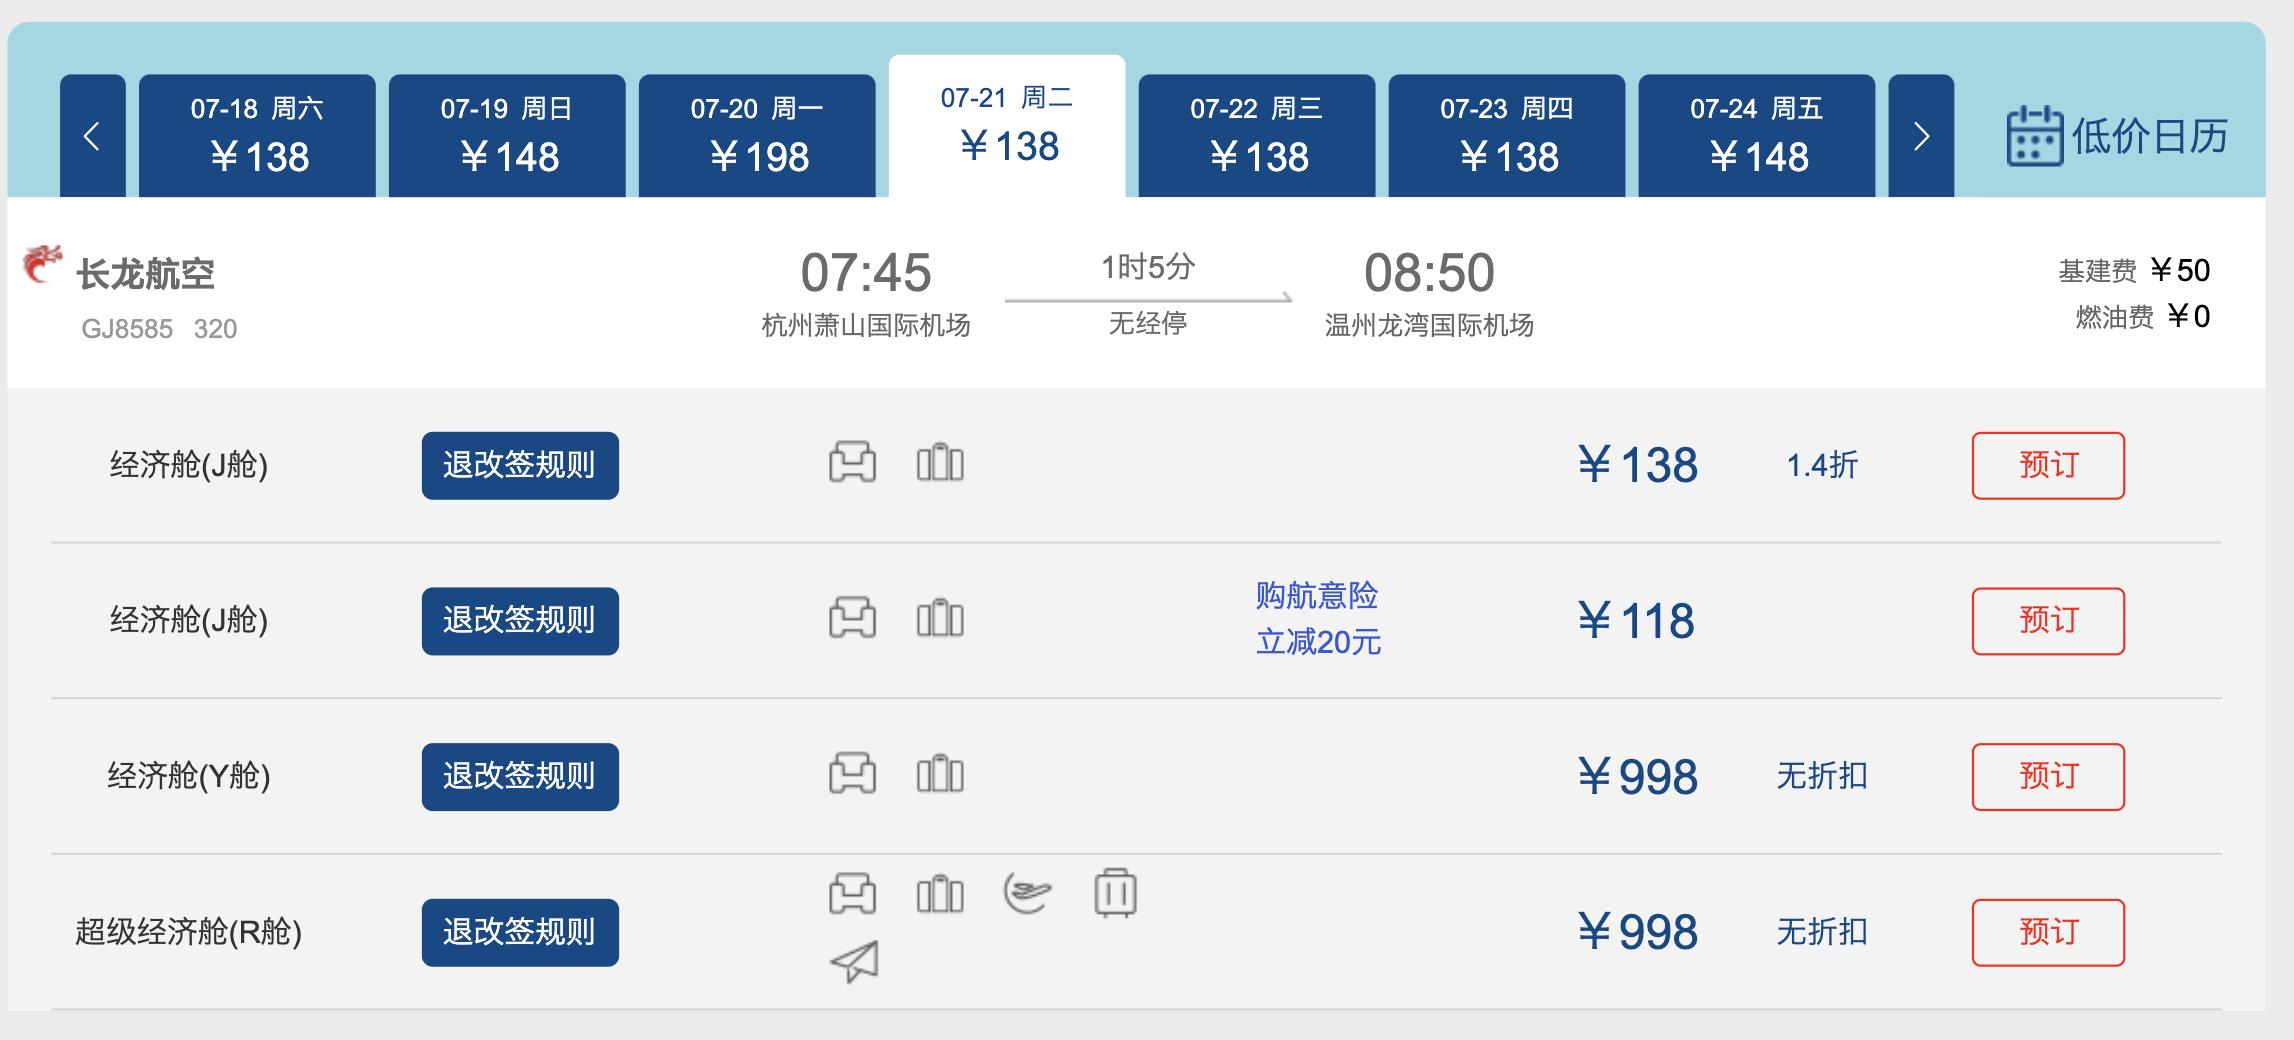 【关键词价格】_停飞十多年的杭州直飞温州航线将重启:票面价等同高铁二等座